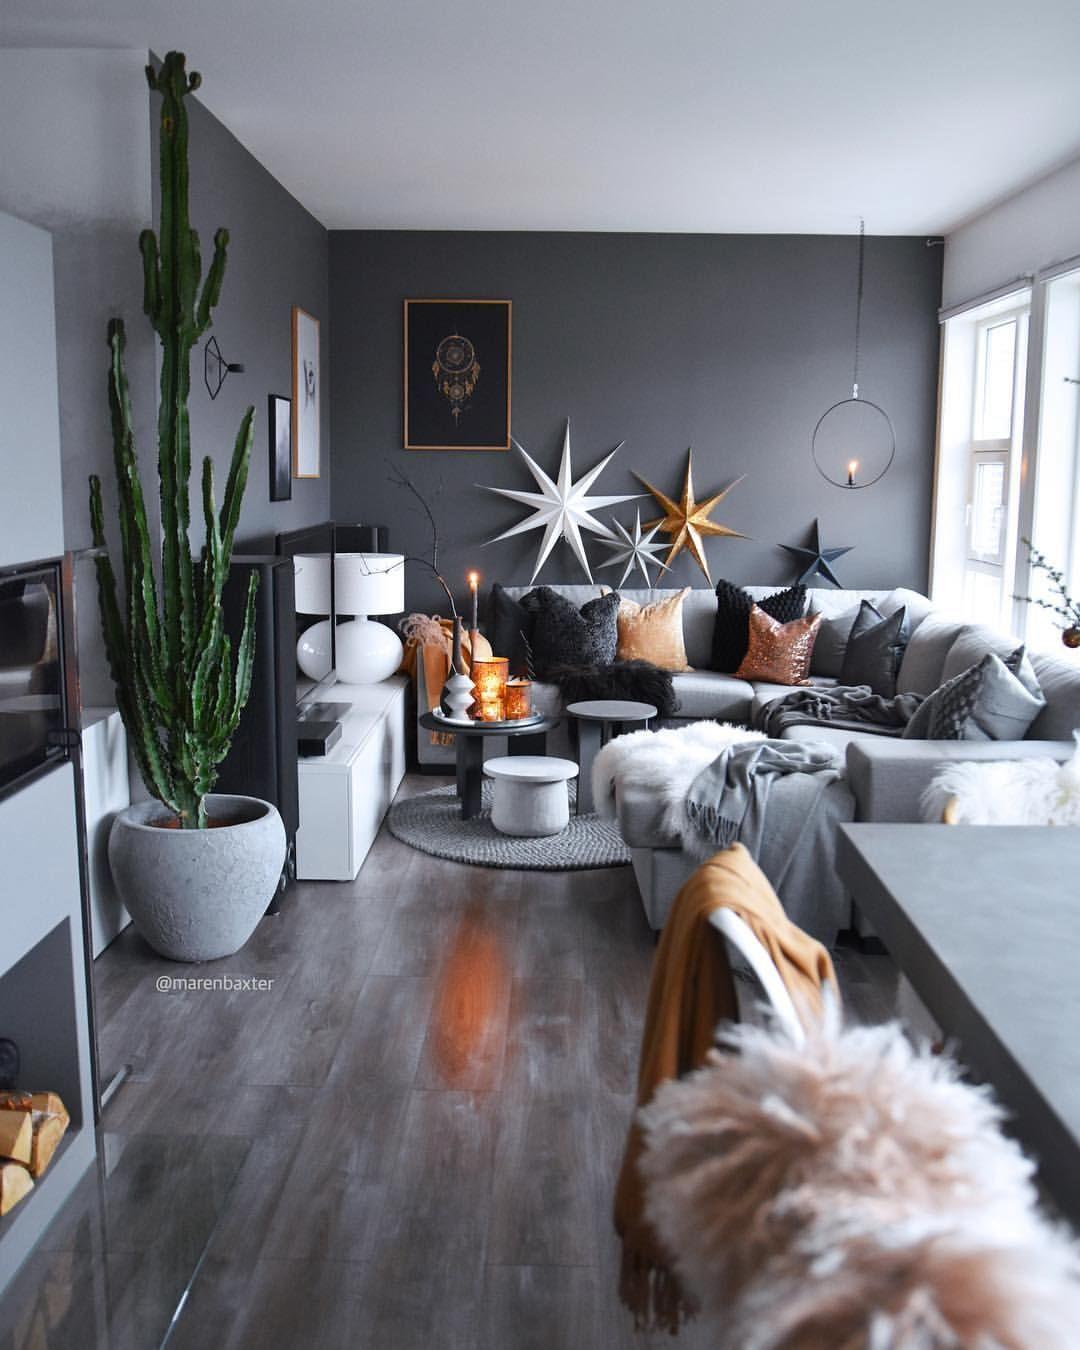 Pin von Tina auf Hof | Pinterest | Wandfarbe, Hof und Wohnideen